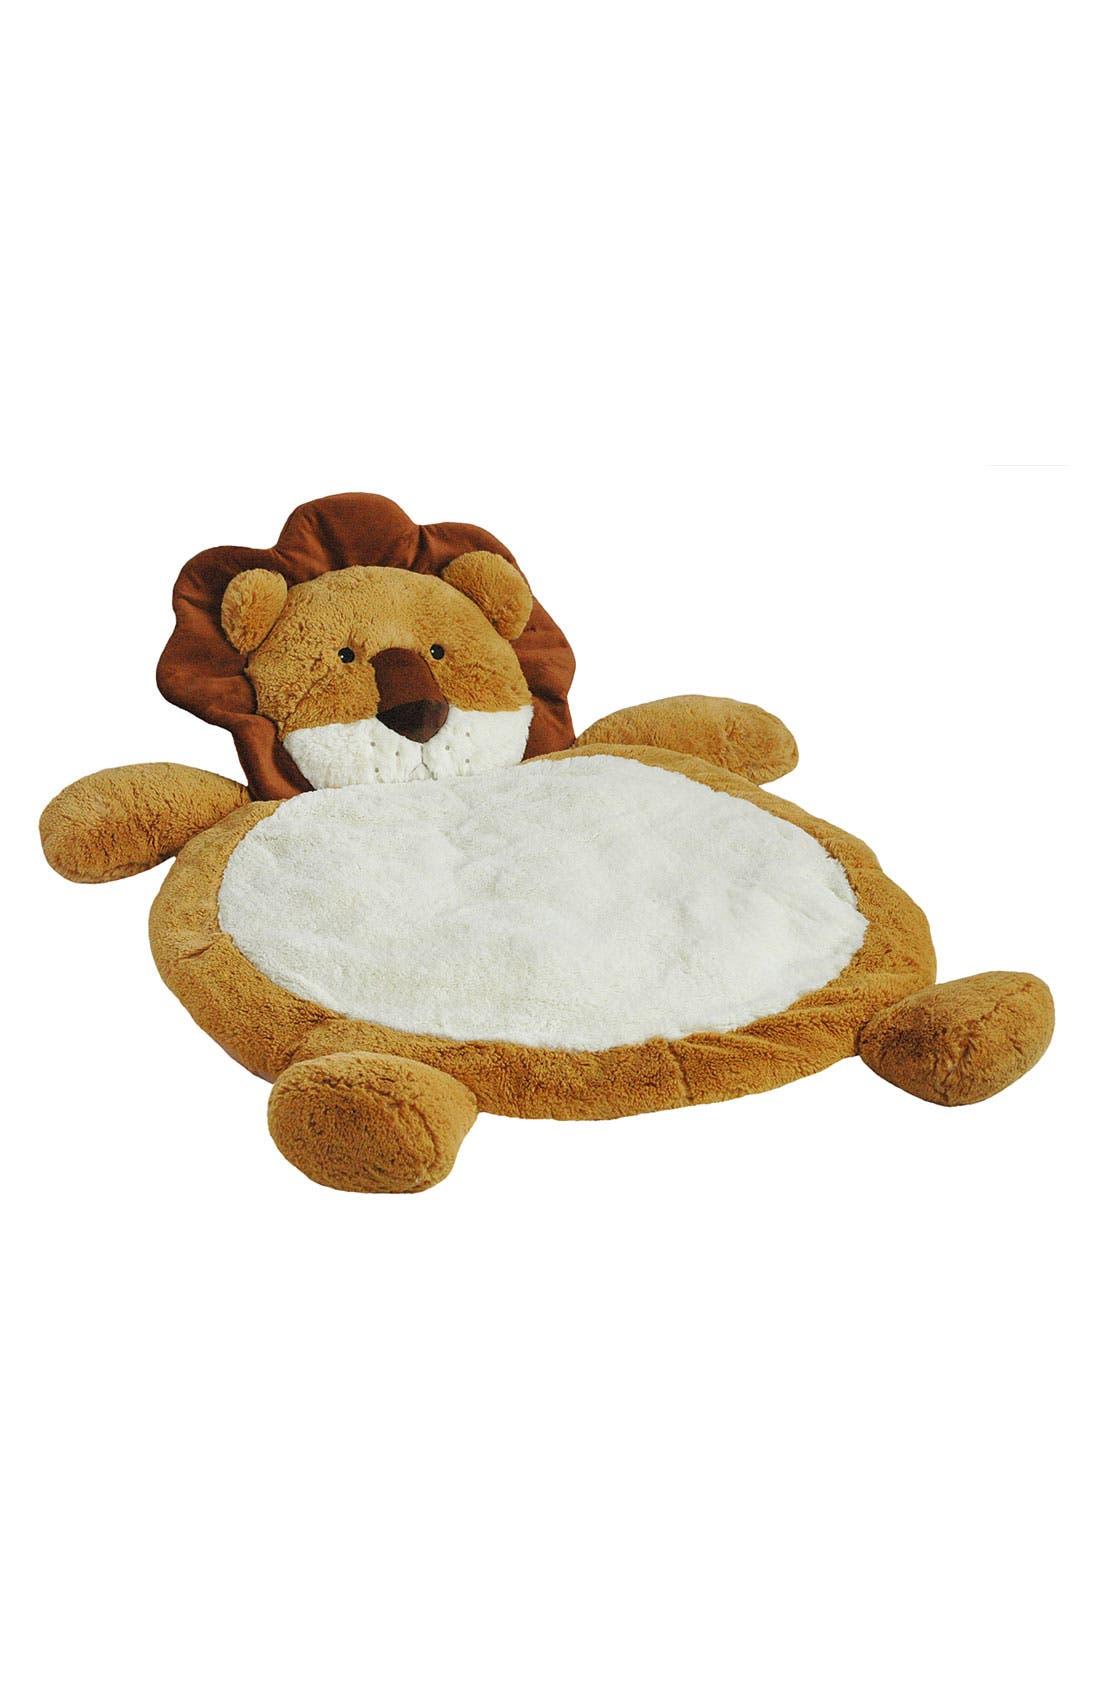 Main Image - Bestever 'In Baby' Plush Mat